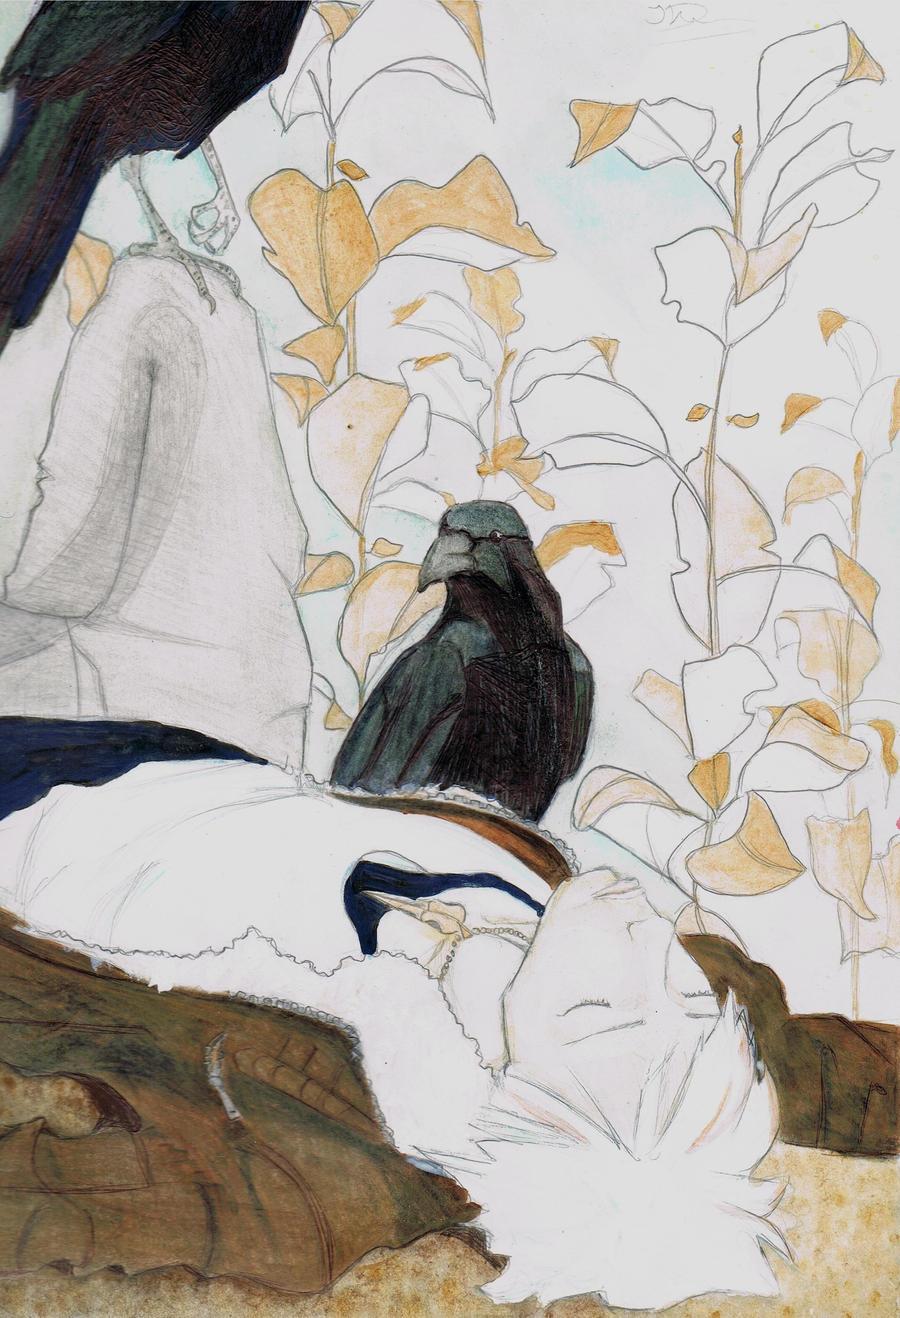 Crow Field by odangodumpling